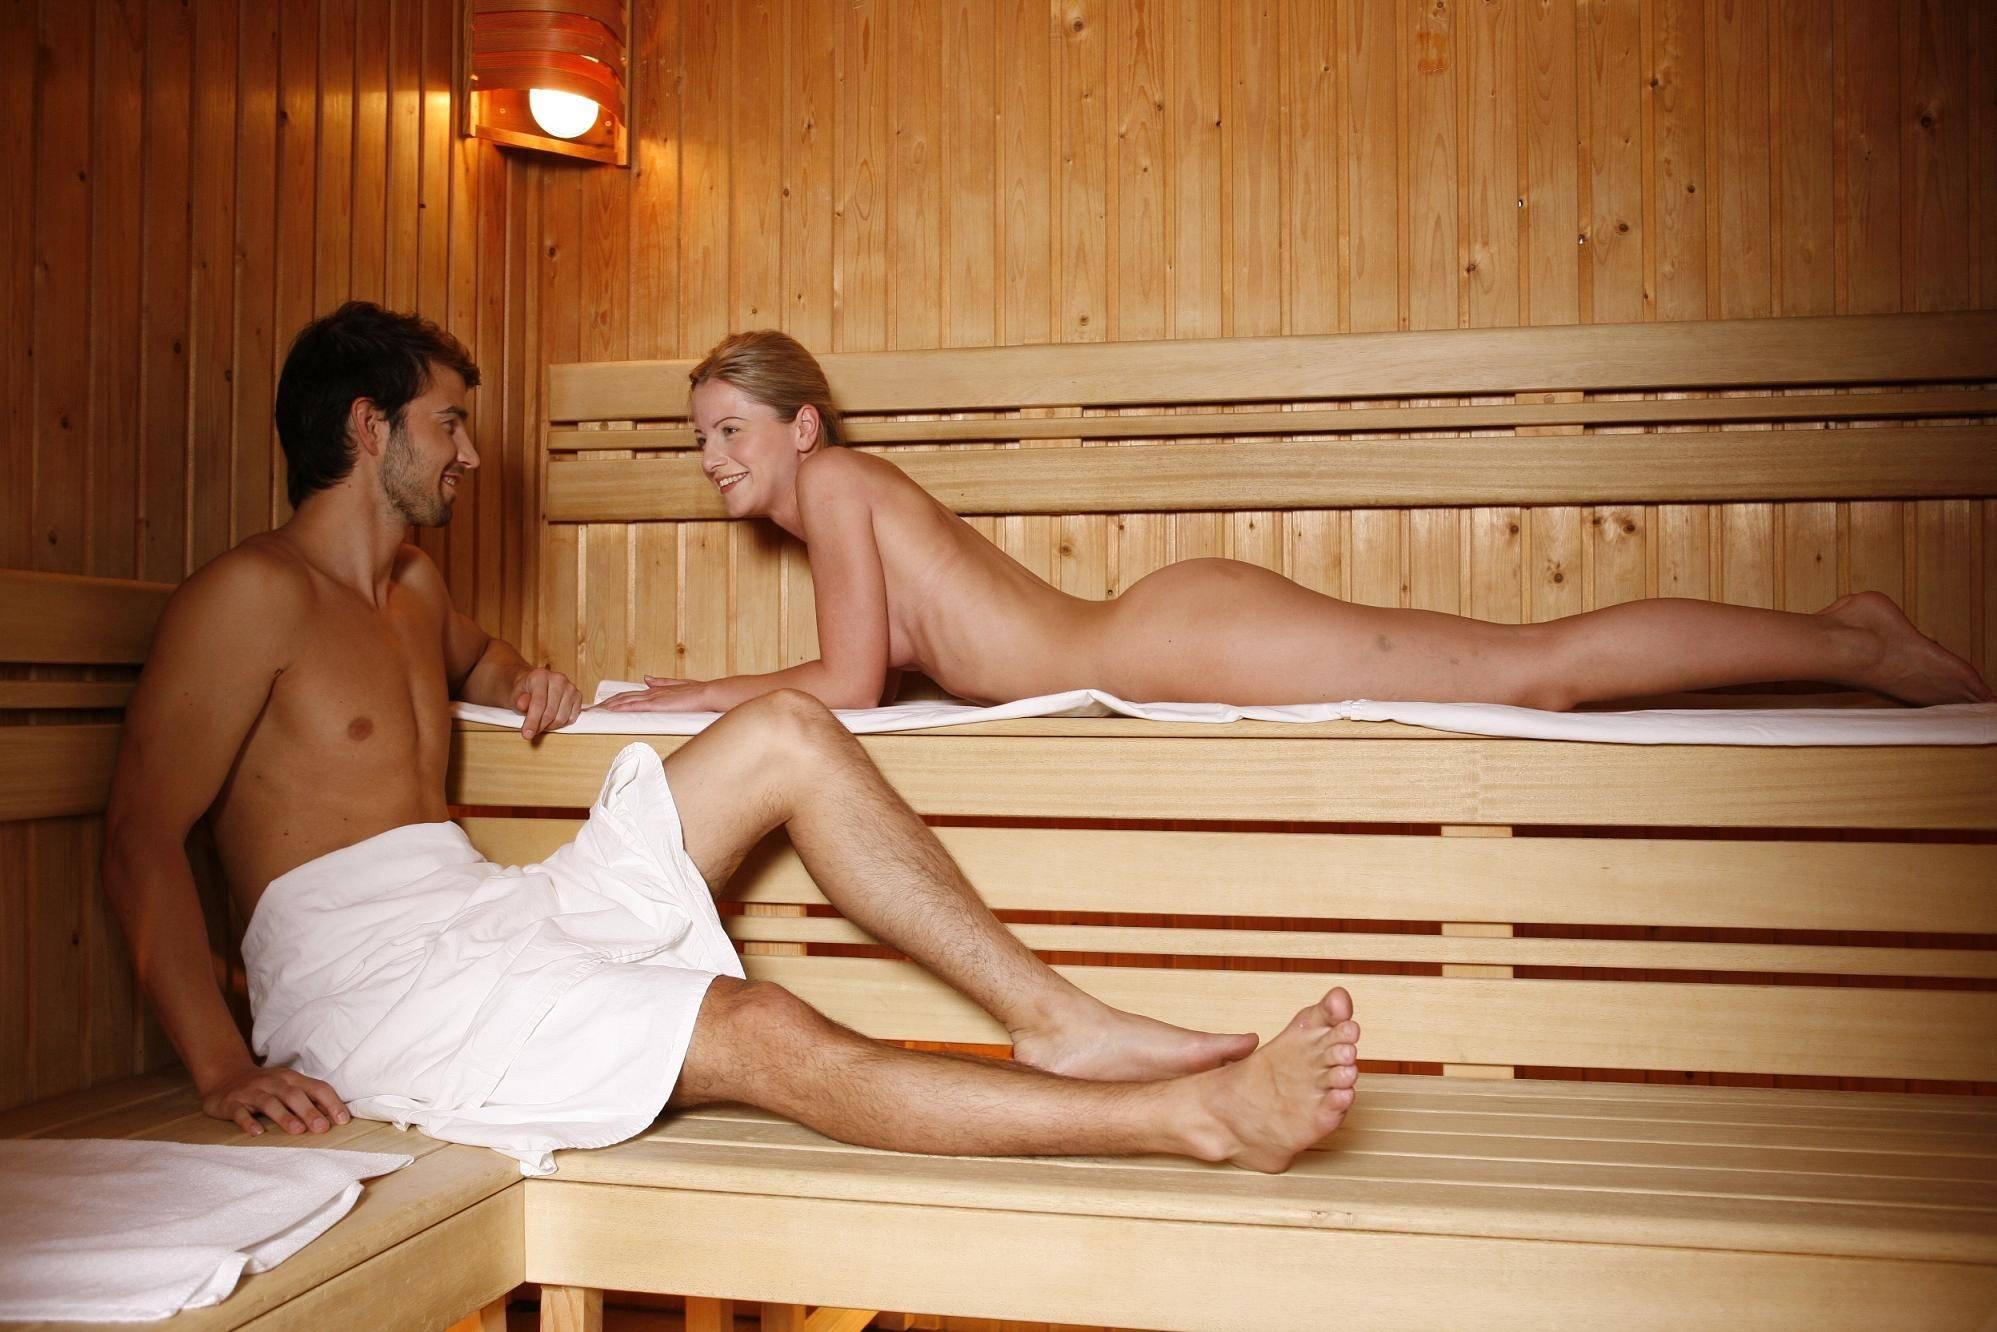 Русская девушка в мужской бане смотреть онлайн 9 фотография